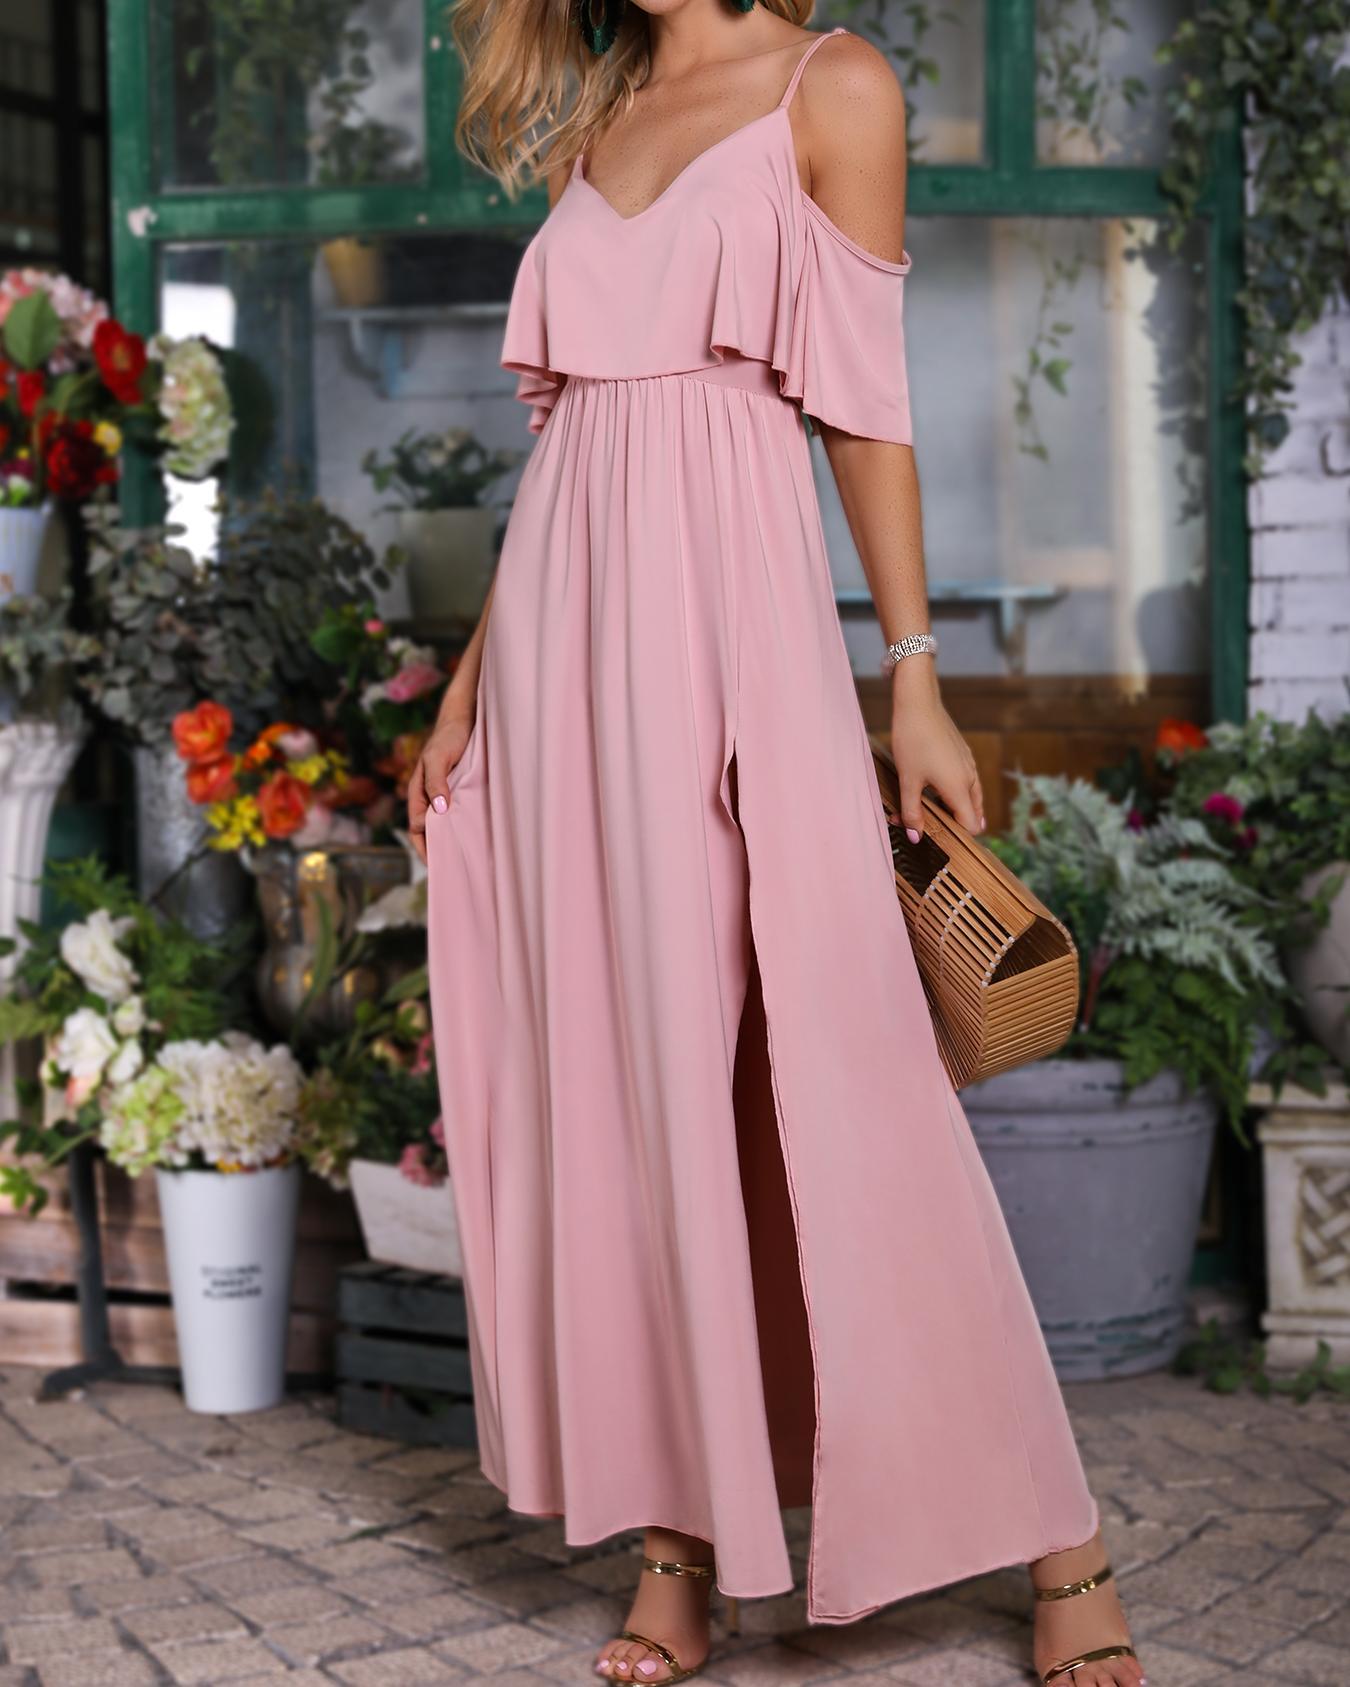 Solid Cold Shoulder Thigh Slit Maxi Dress